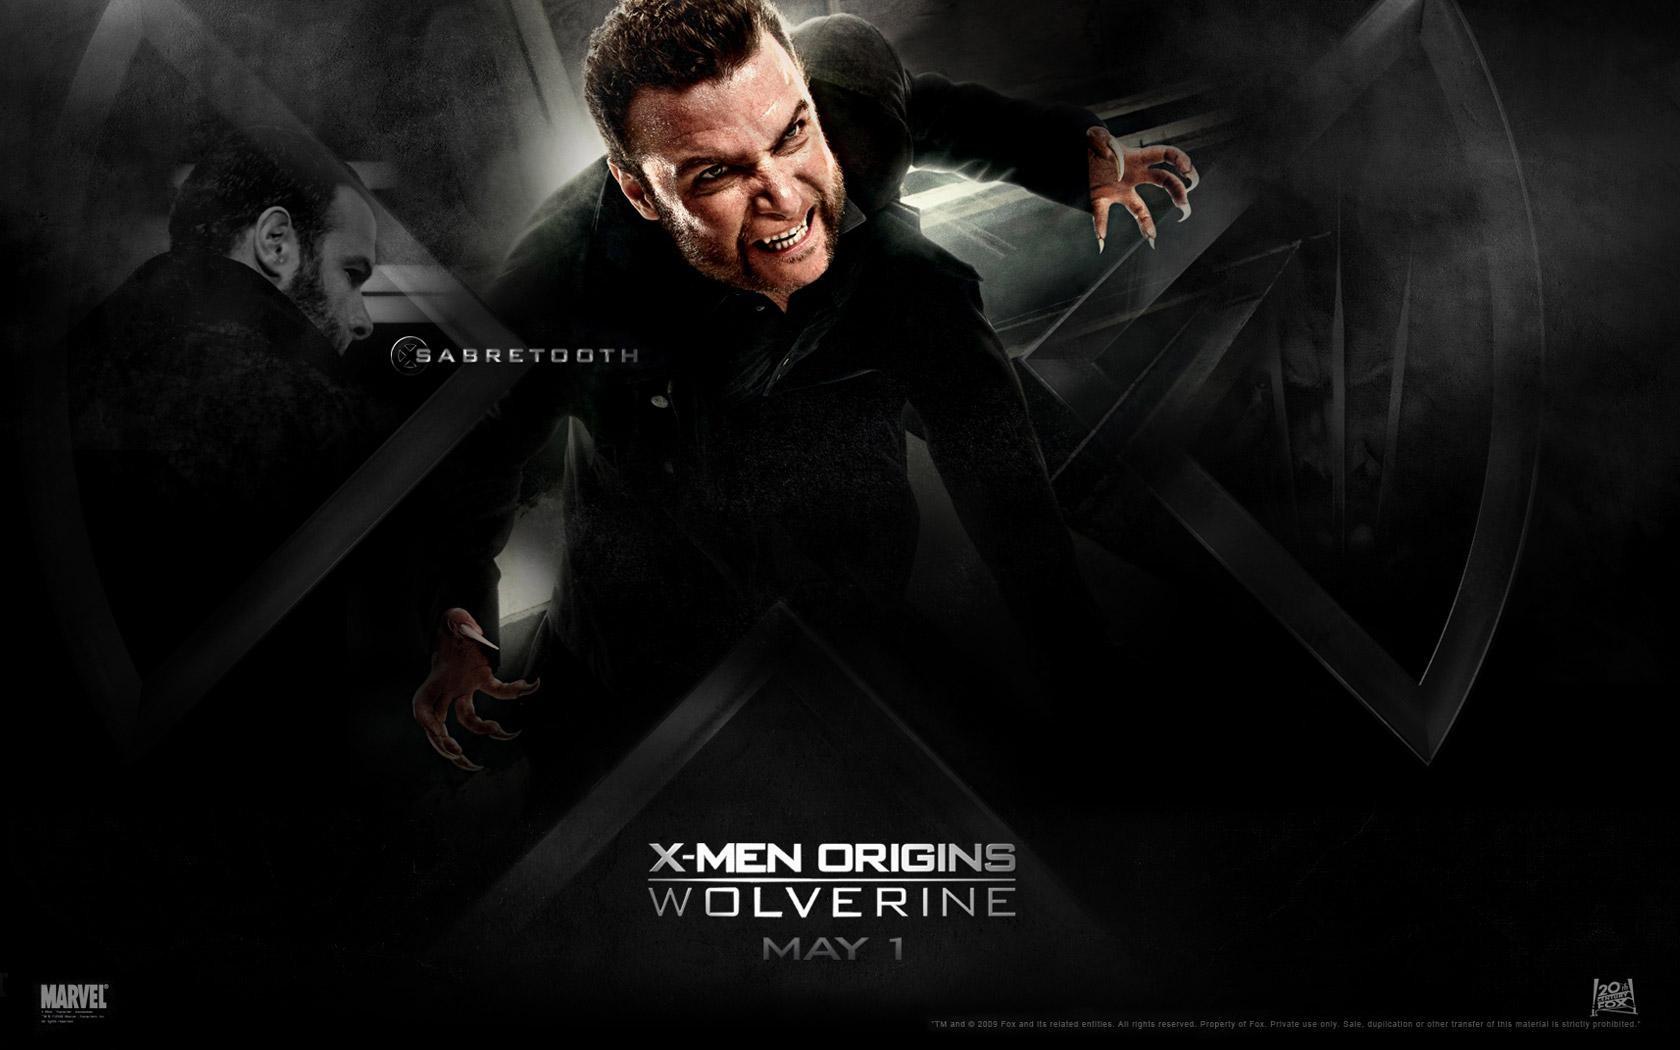 Un wallaper del film X-Men - Le origini: Wolverine con Liev Schreiber, interprete di Sabretooth